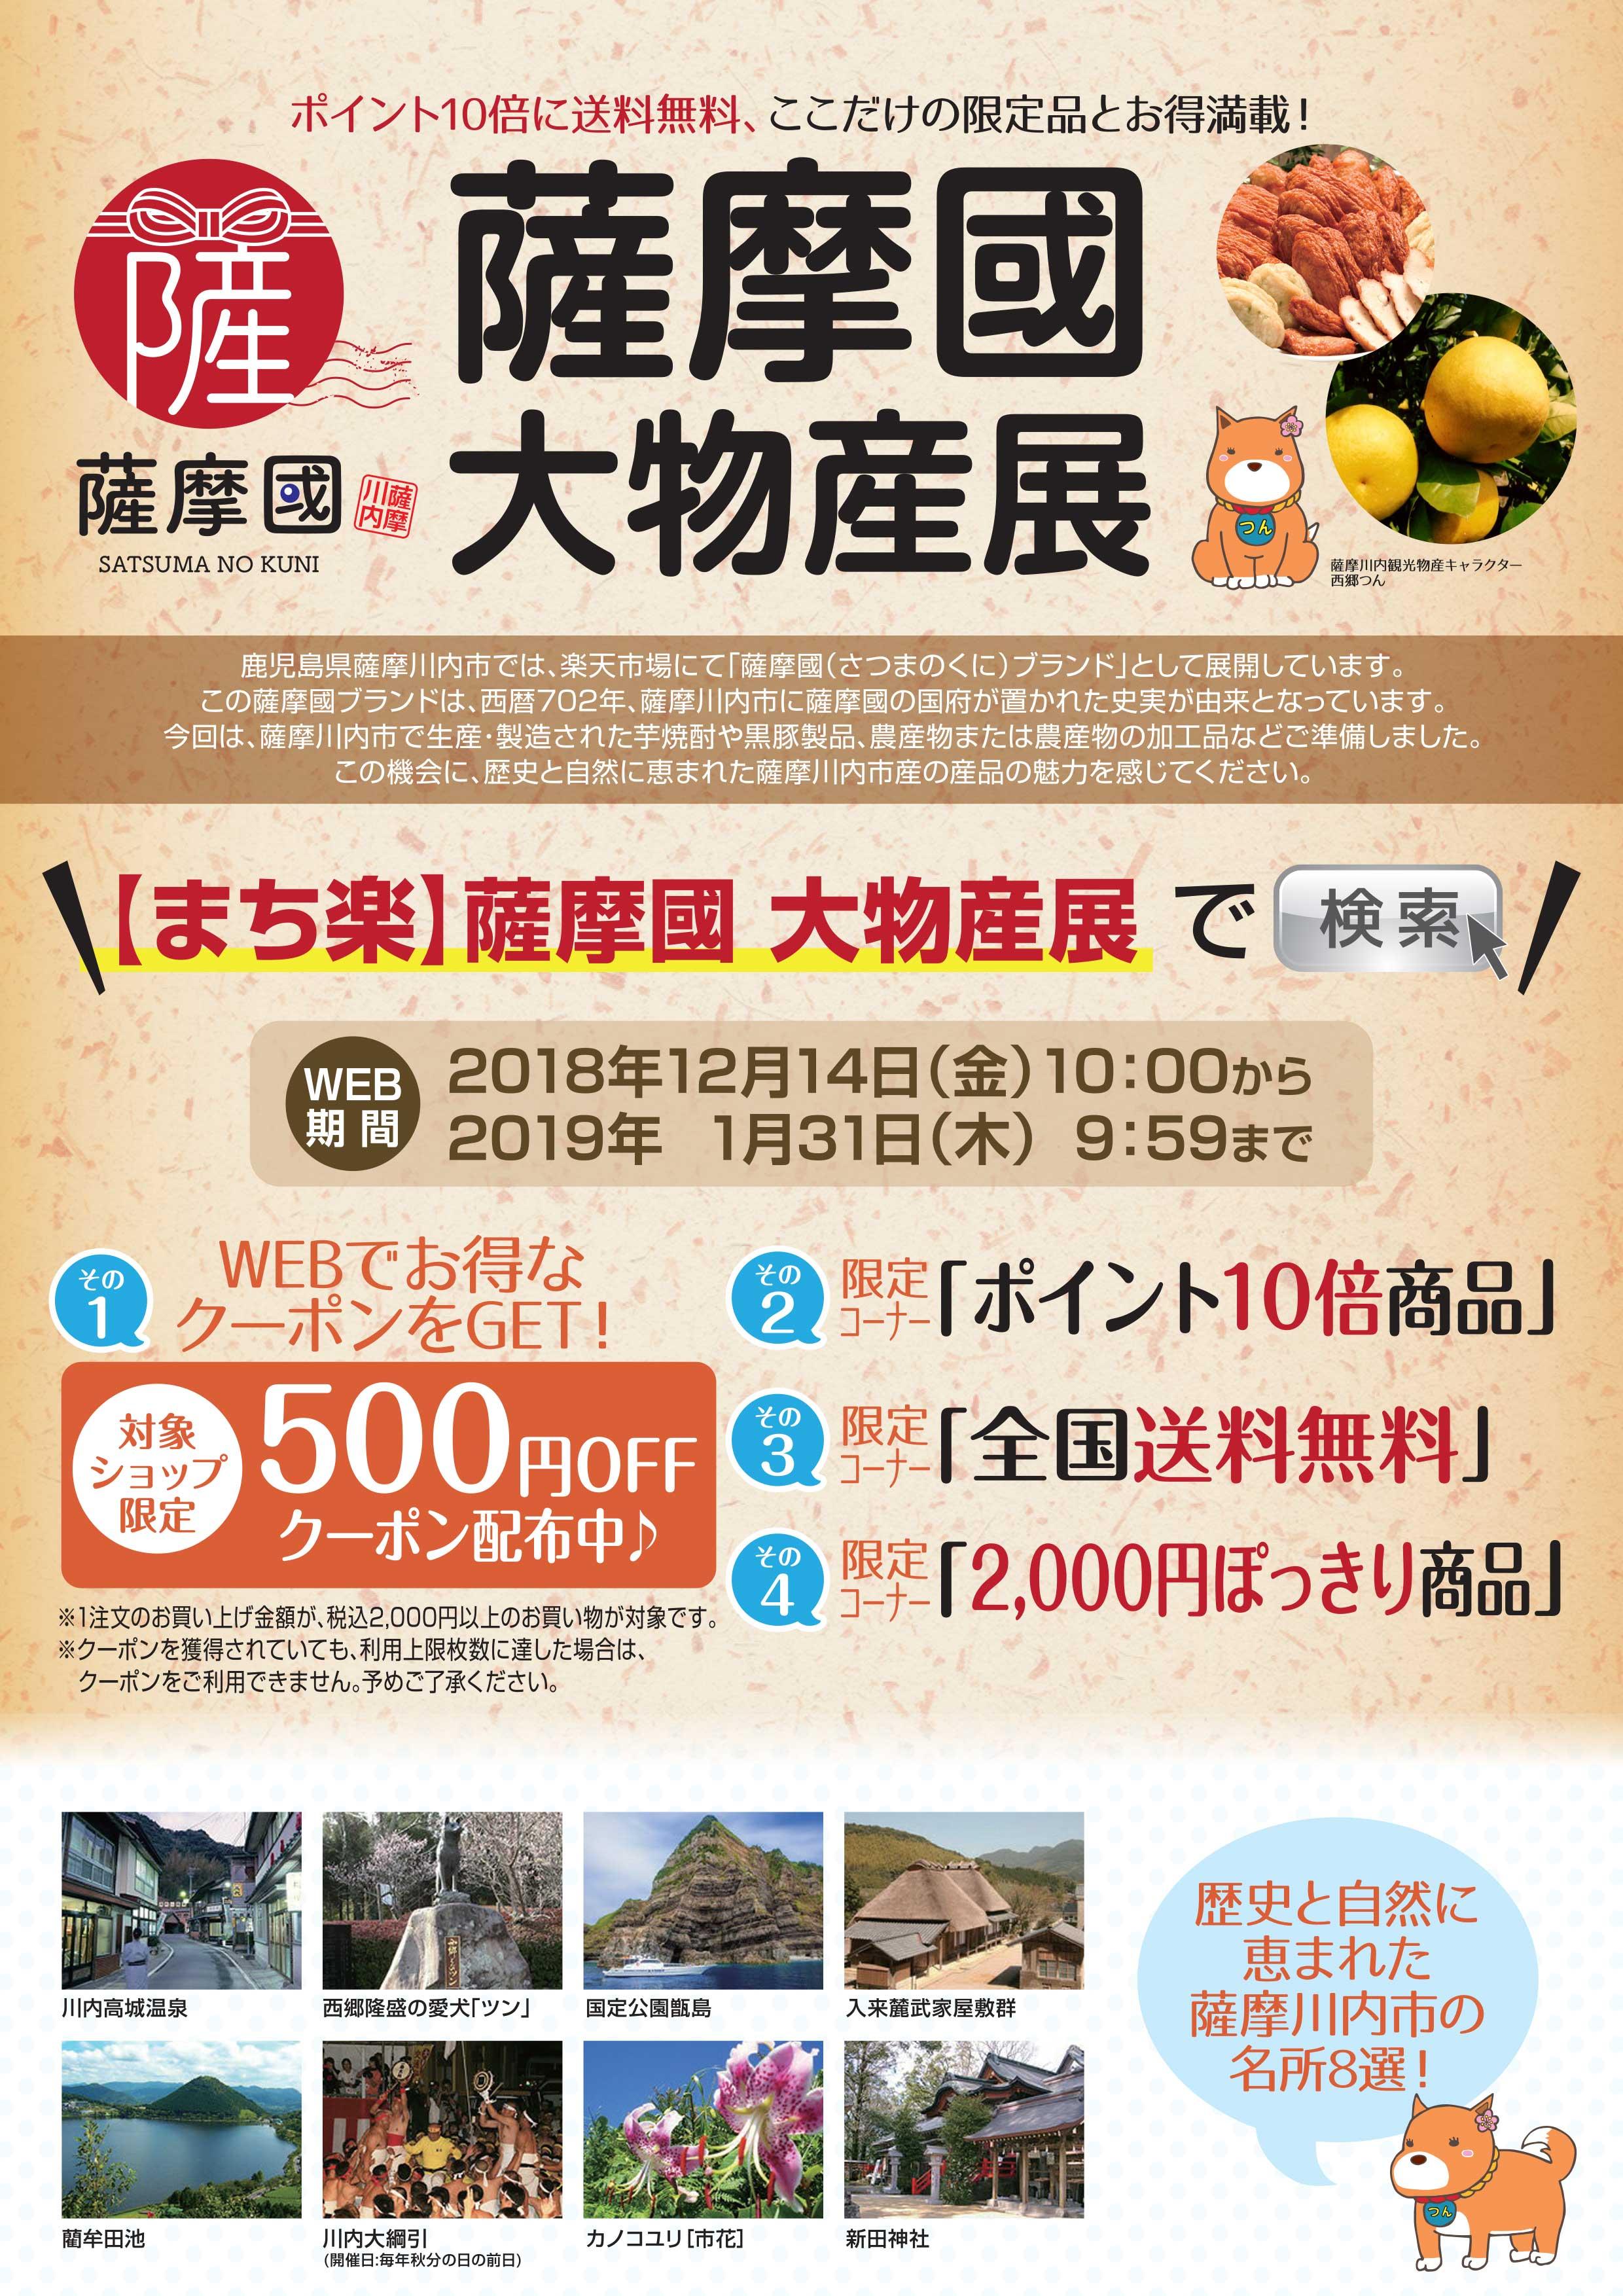 【楽天市場】薩摩國大物産展